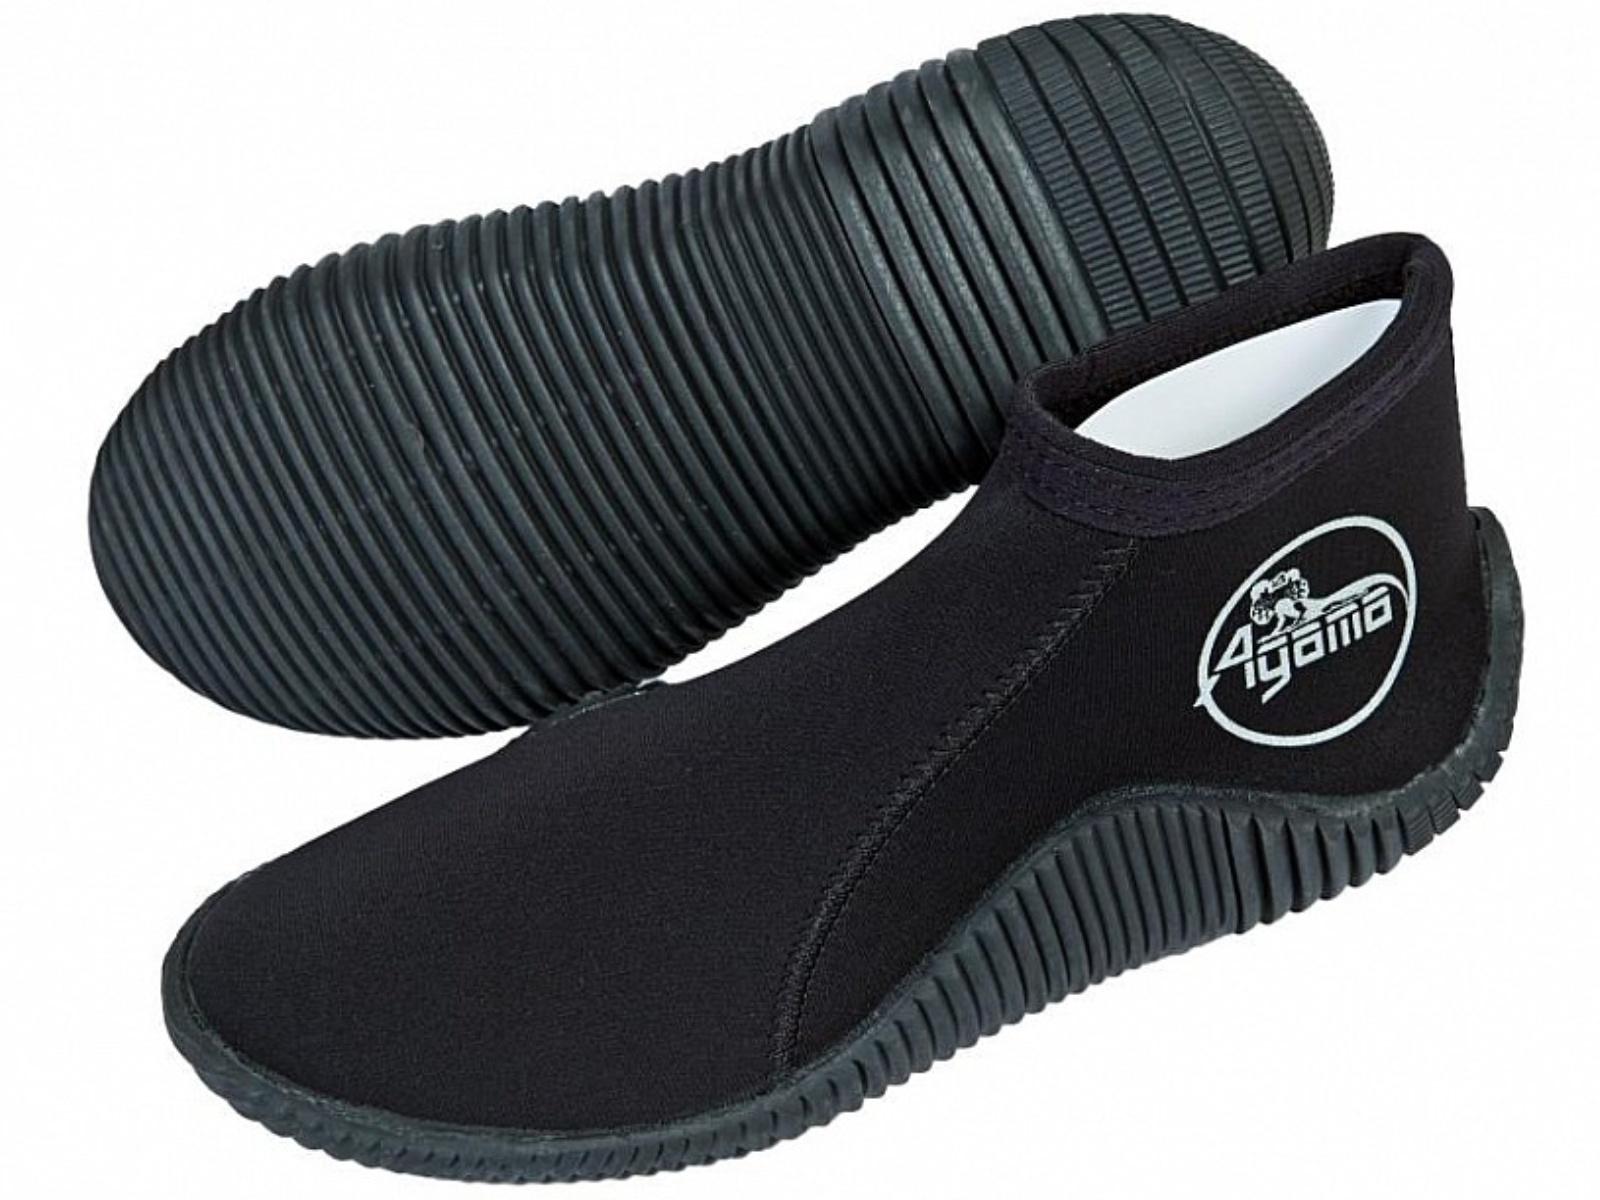 Neoprénové topánky AGAMA Rock 3,5 mm - veľ. 46-47